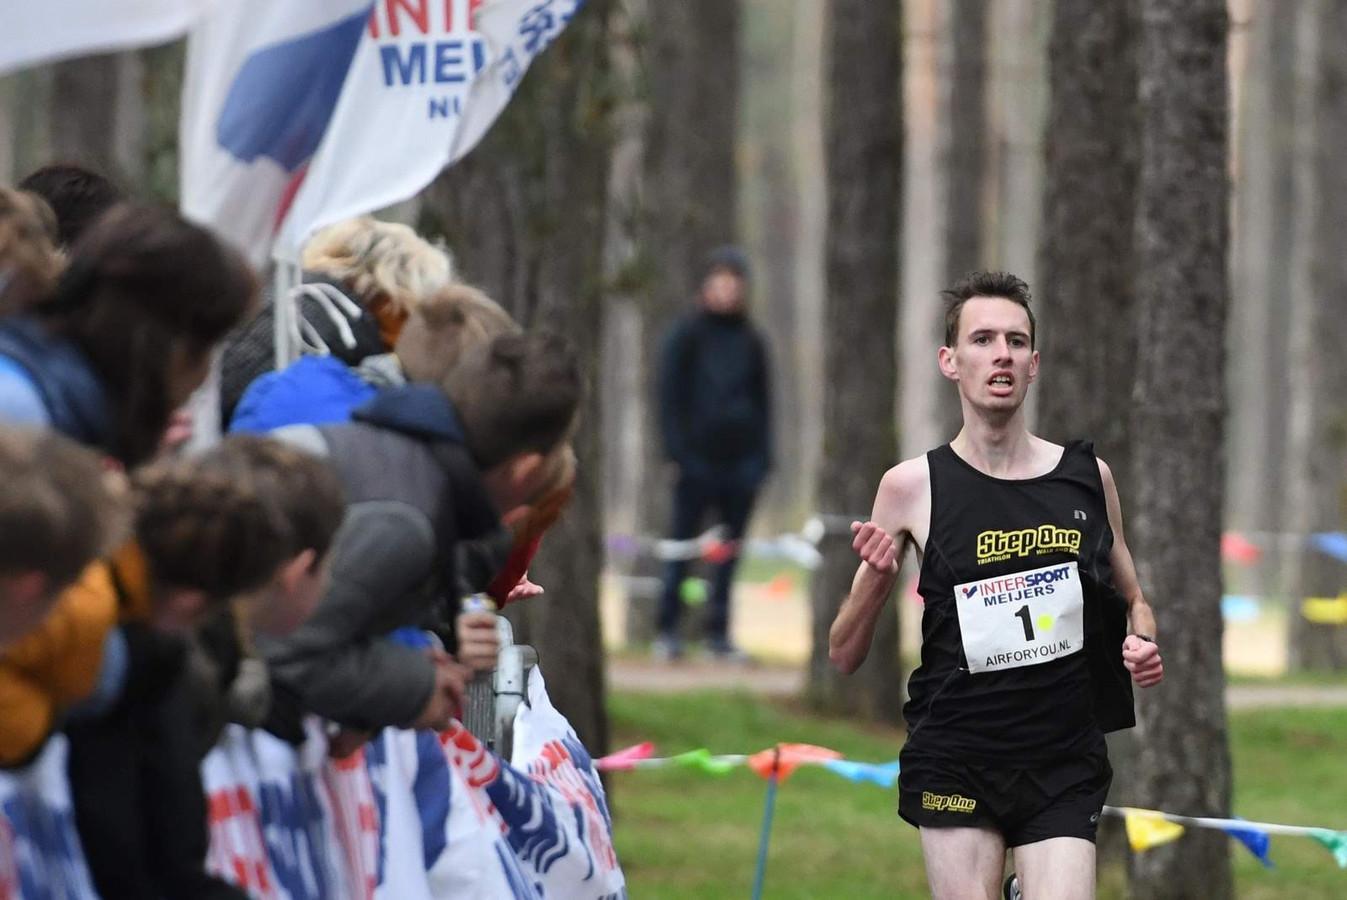 Danny Koppelman, de winnaar van 2019, kan zijn titel in de Zandenplasloop dit jaar niet verdedigen.